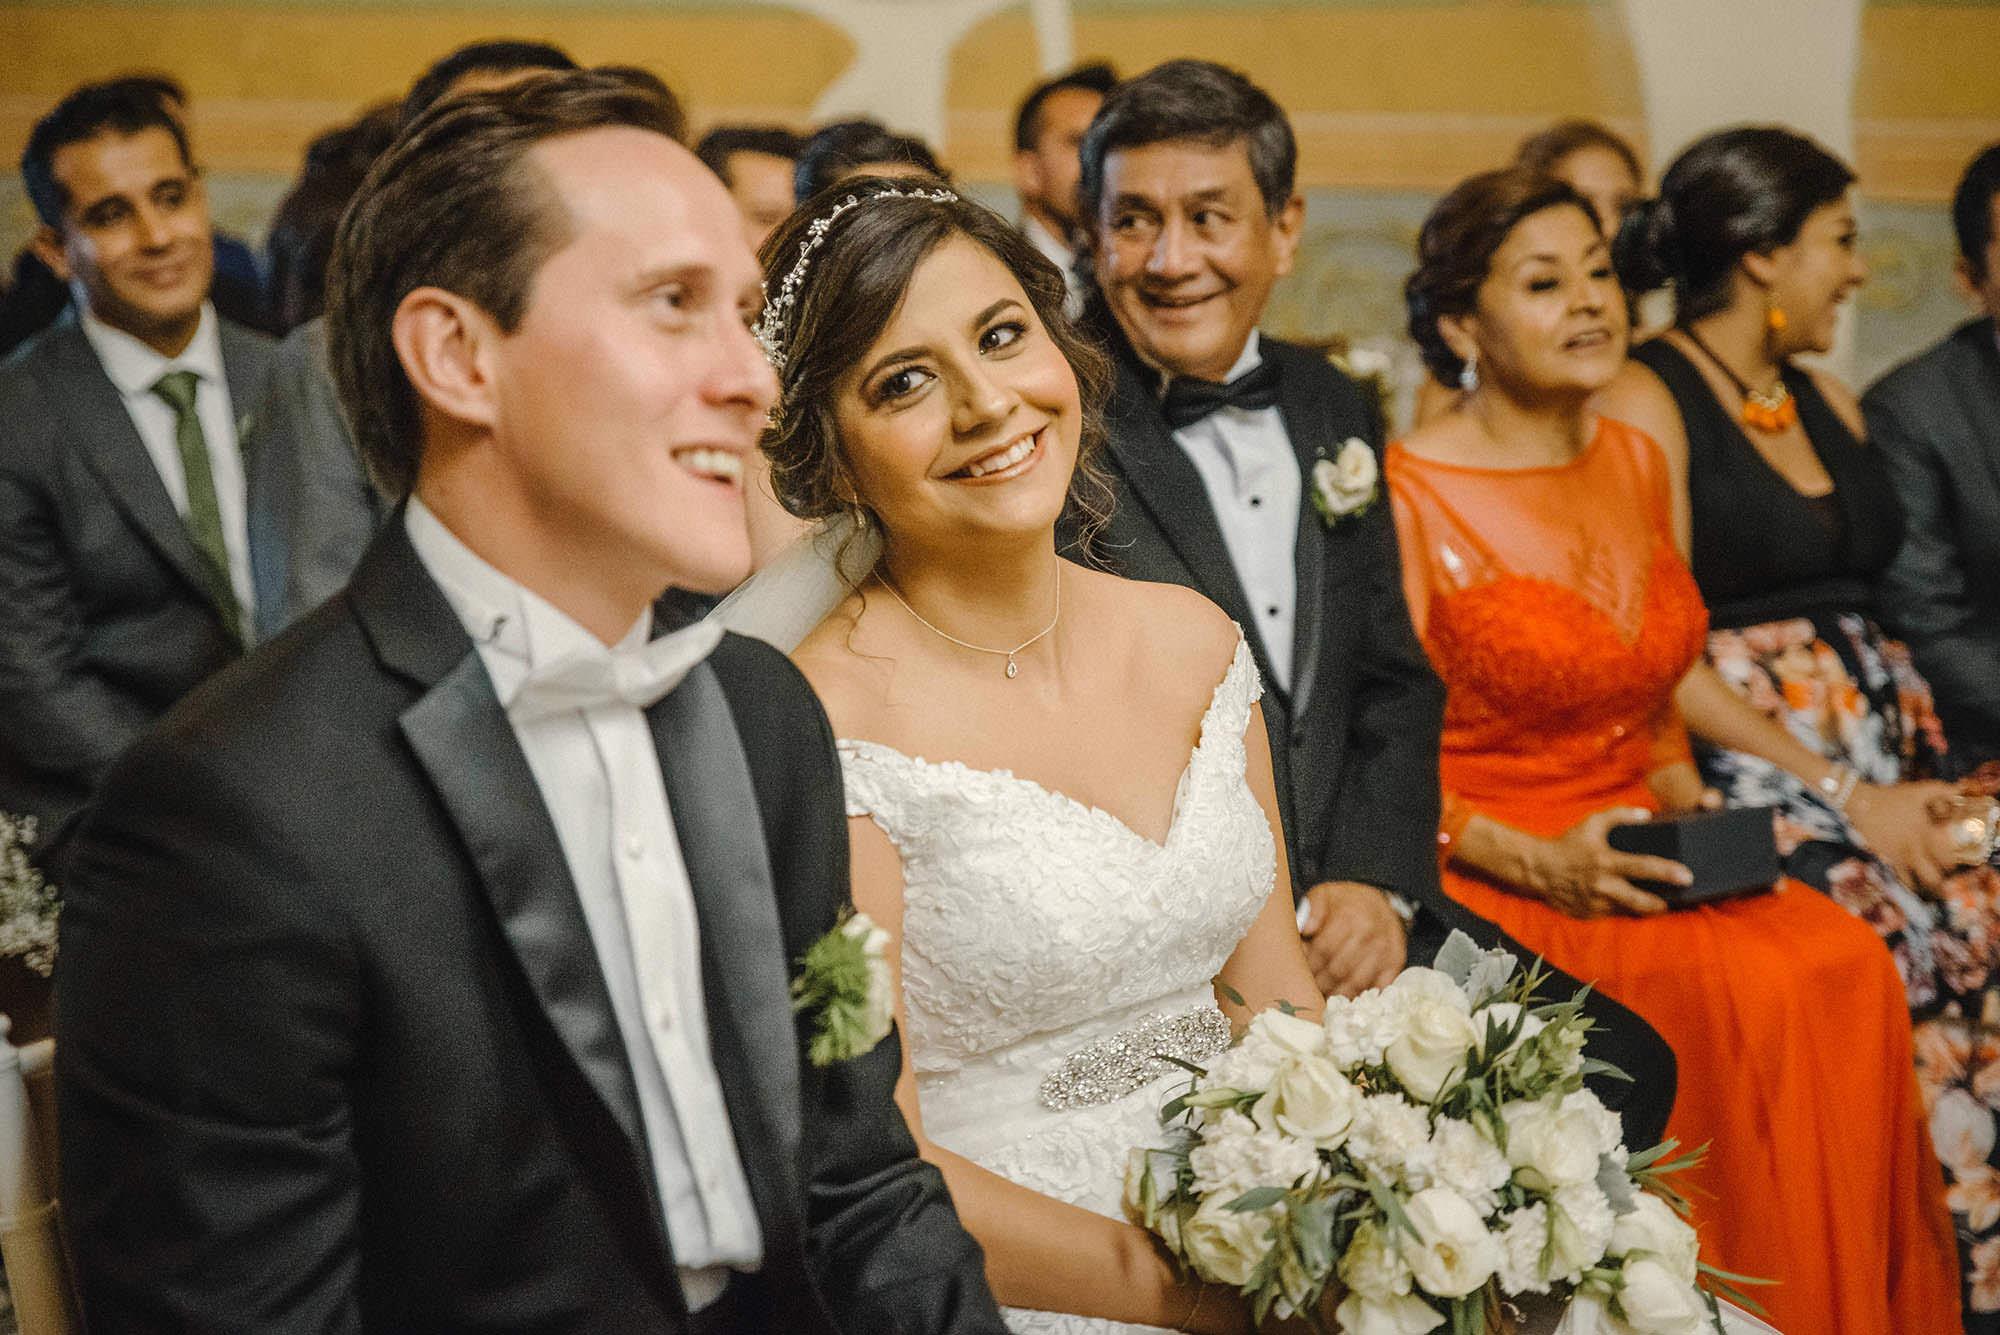 Boda Queretaro hacienda wedding planner magali espinosa fotografo 22-WEB.jpg